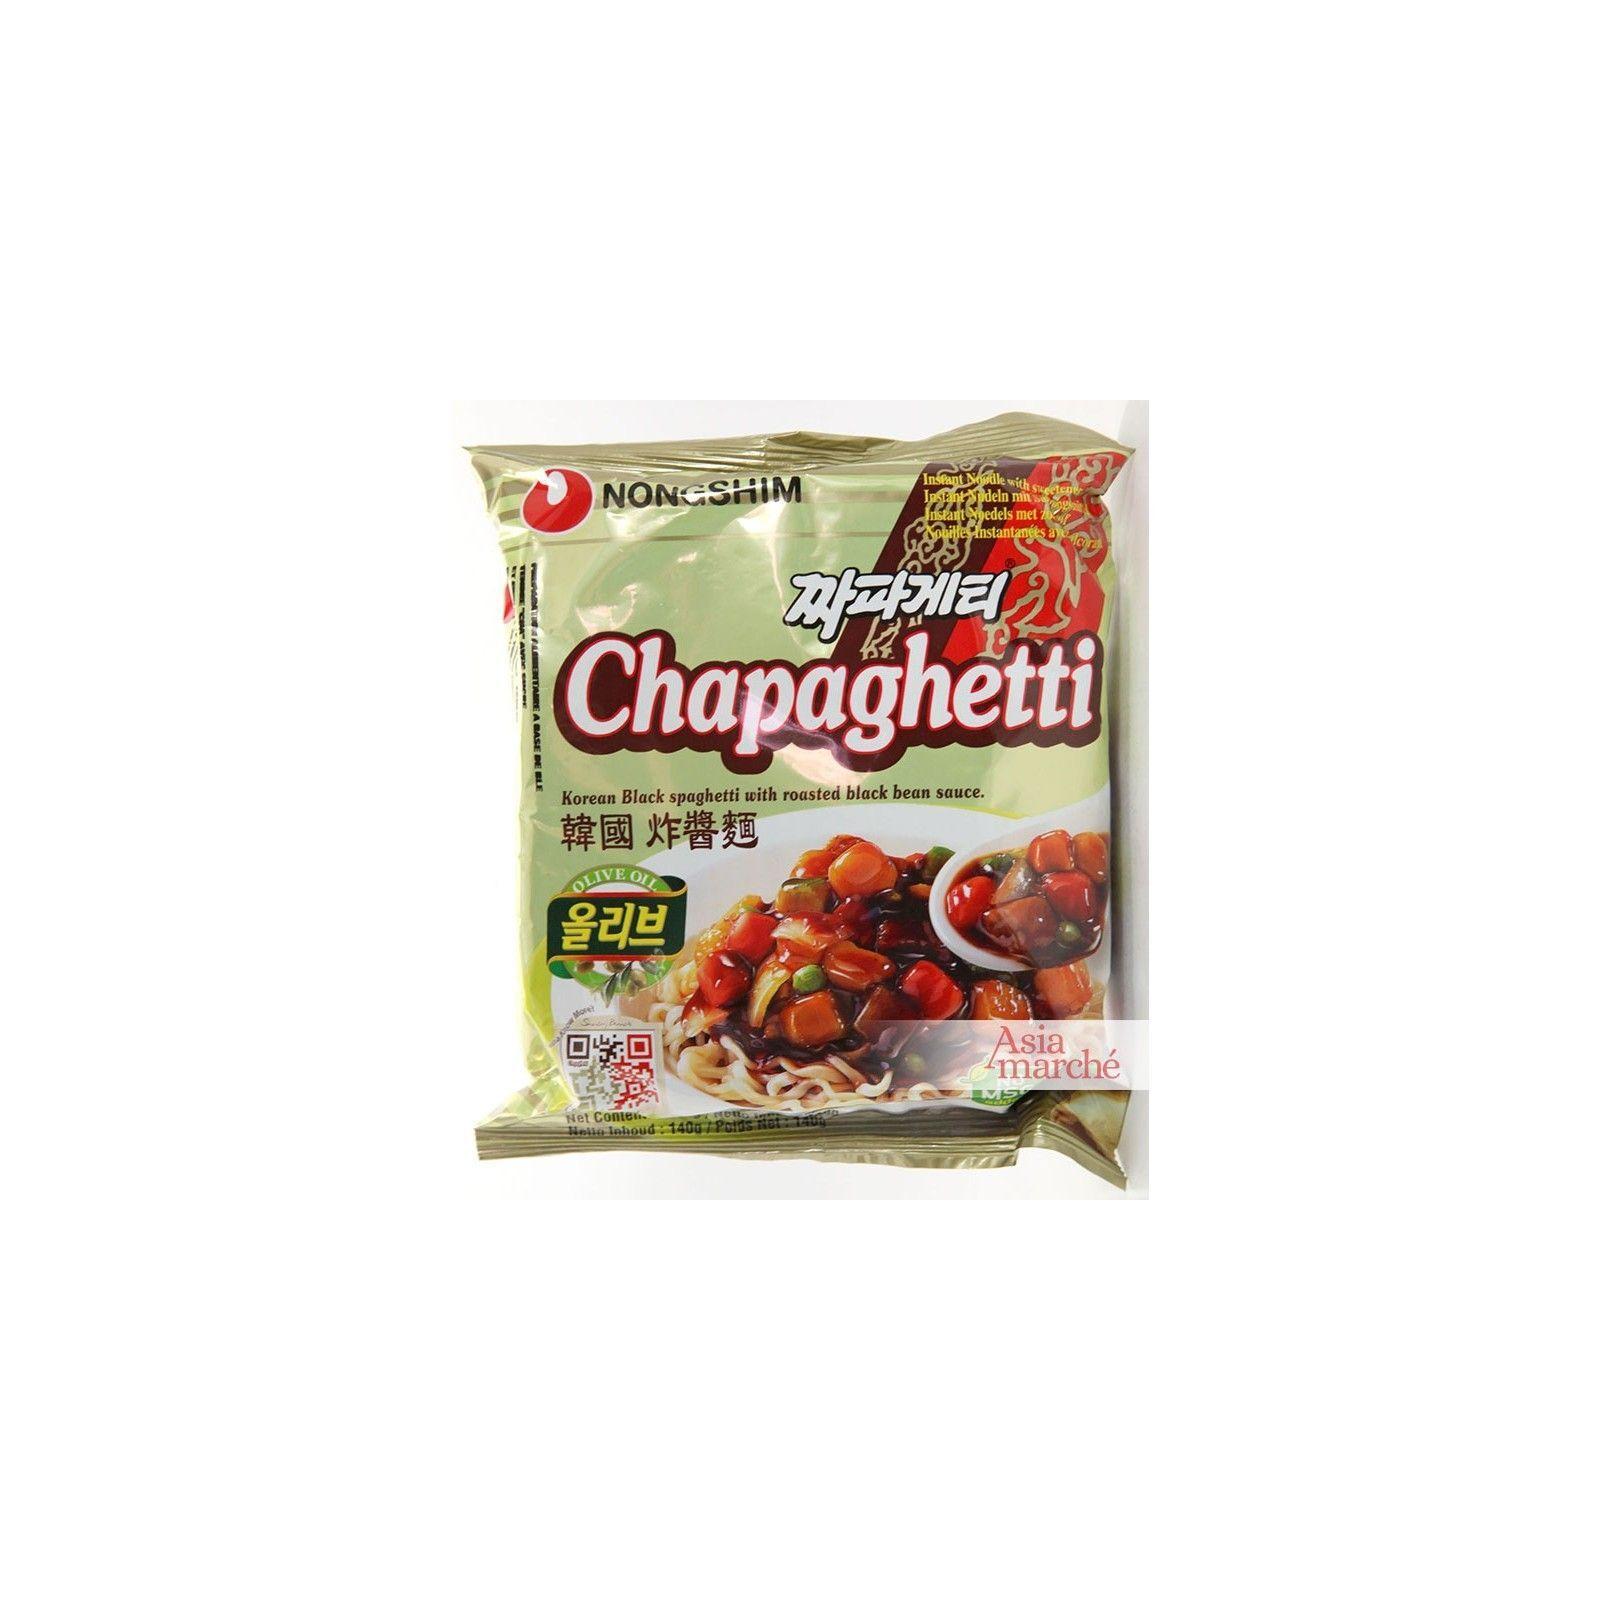 Asia Marché Nouilles Coréennes Chapaghetti 140g Nongshim Lot de 10